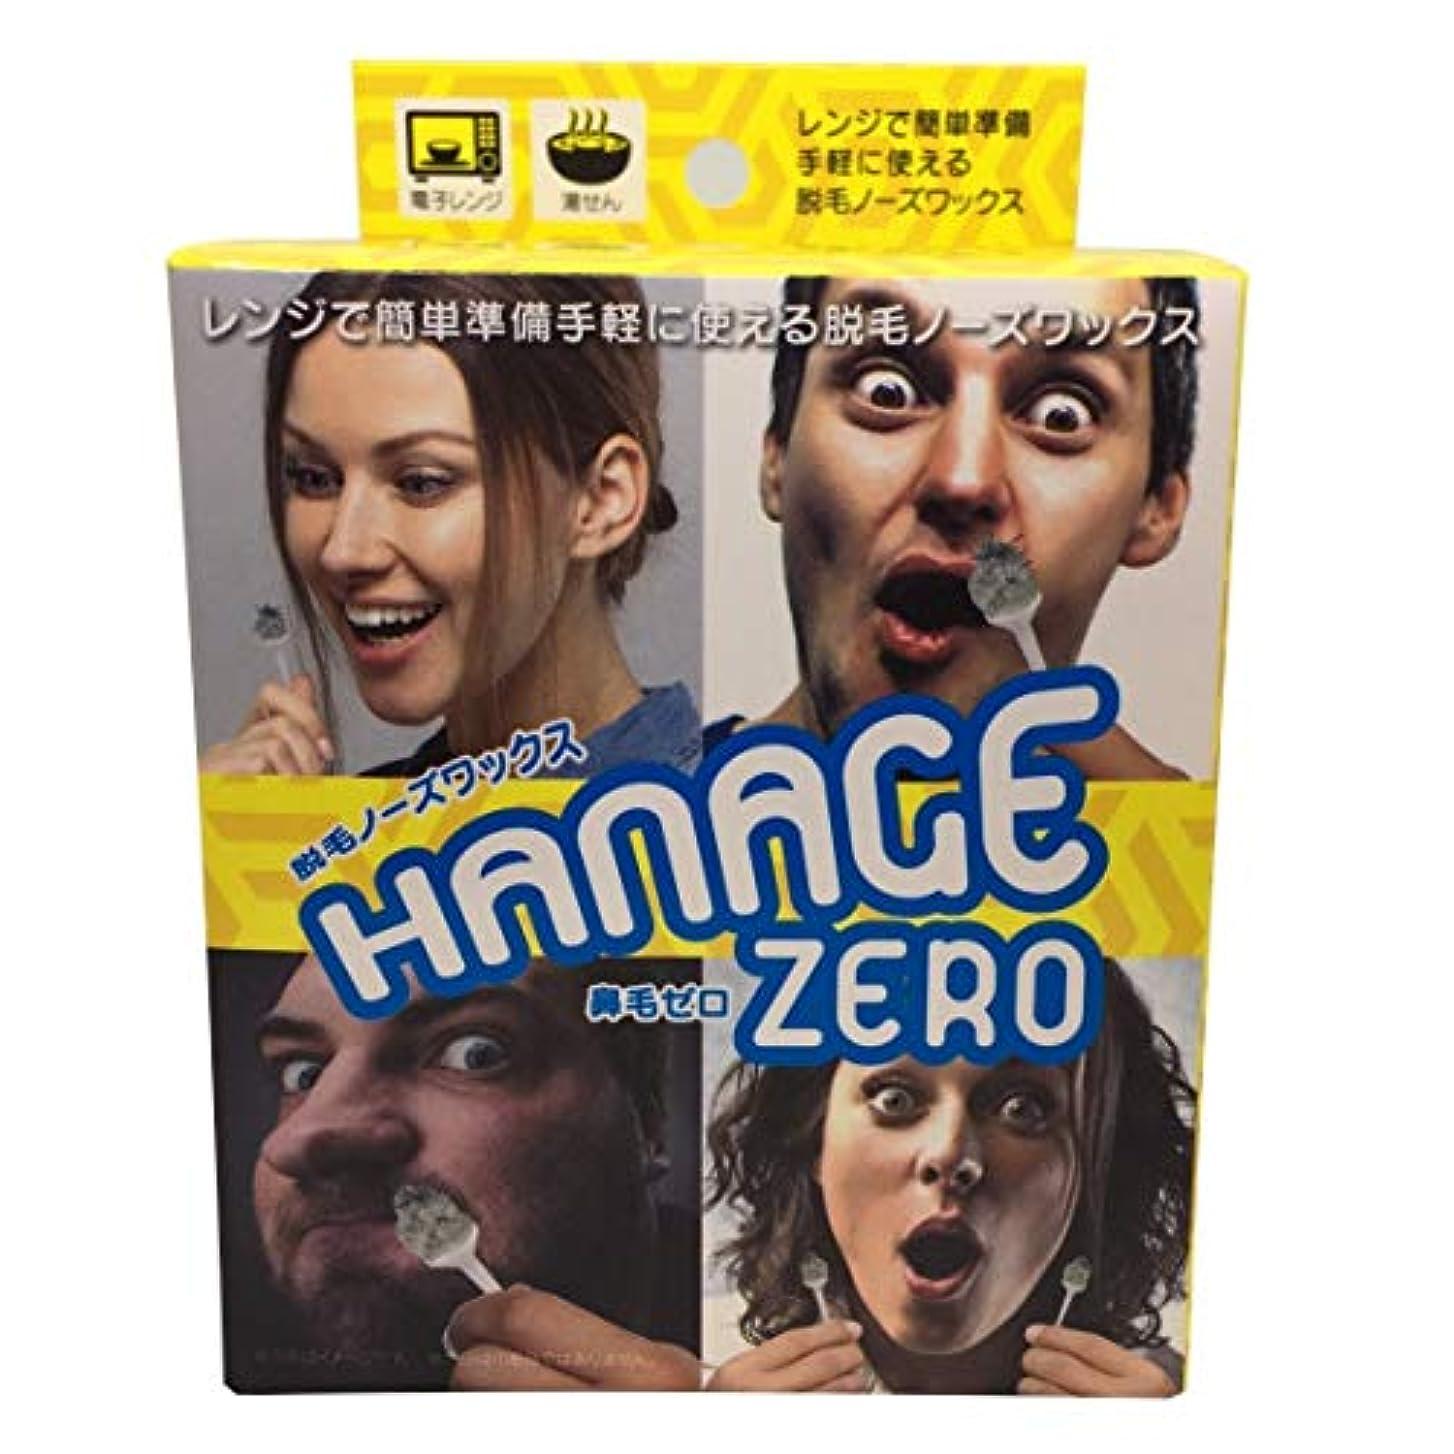 アジア人確認するピストル脱毛ノーズワックス HANAGE ZERO 鼻毛ゼロ 両鼻穴 10回分